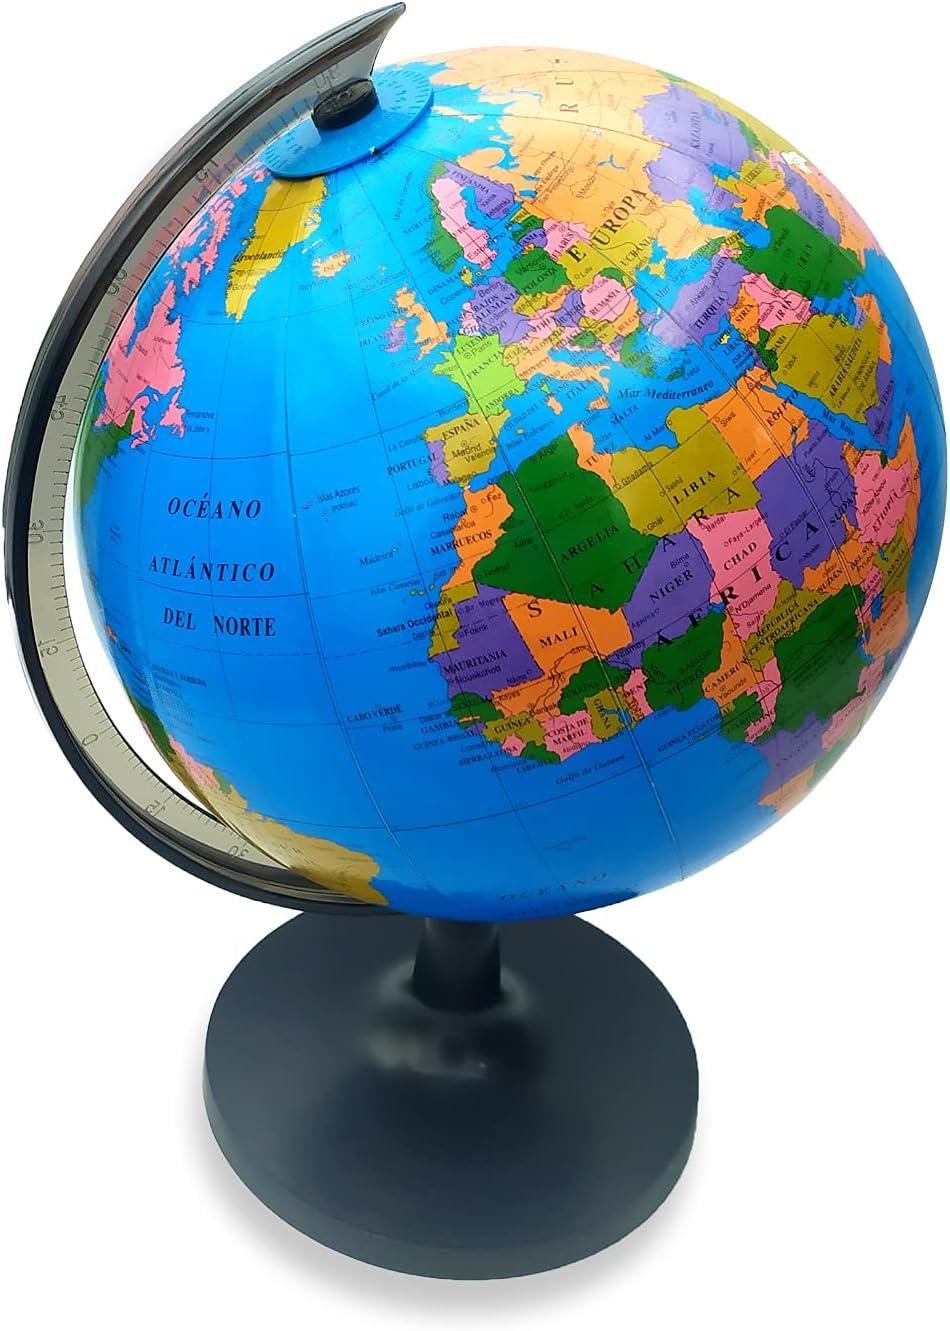 EUROXANTY Globo terráqueo | Globo Mapa Mundi | Mapa en Castellano | Giratorio | Estudiar Geografía | Decoración para escritorio | Diámetro 18 cm